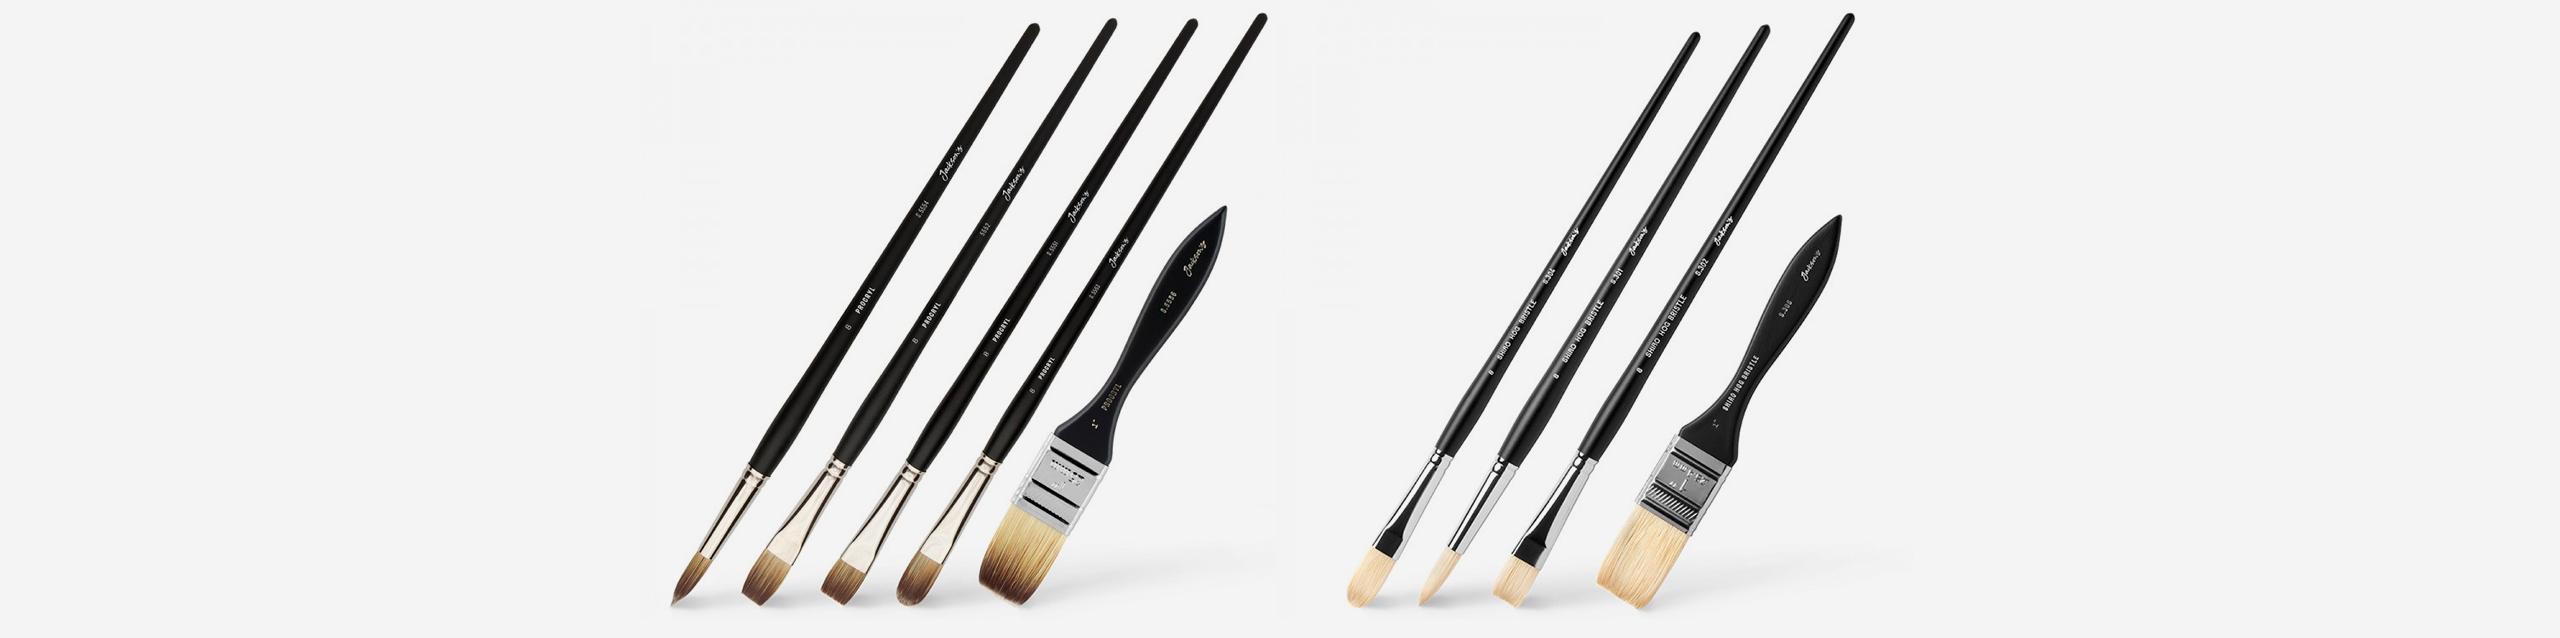 L-R: Jackson's procryl brushes, Shiro hog brushes